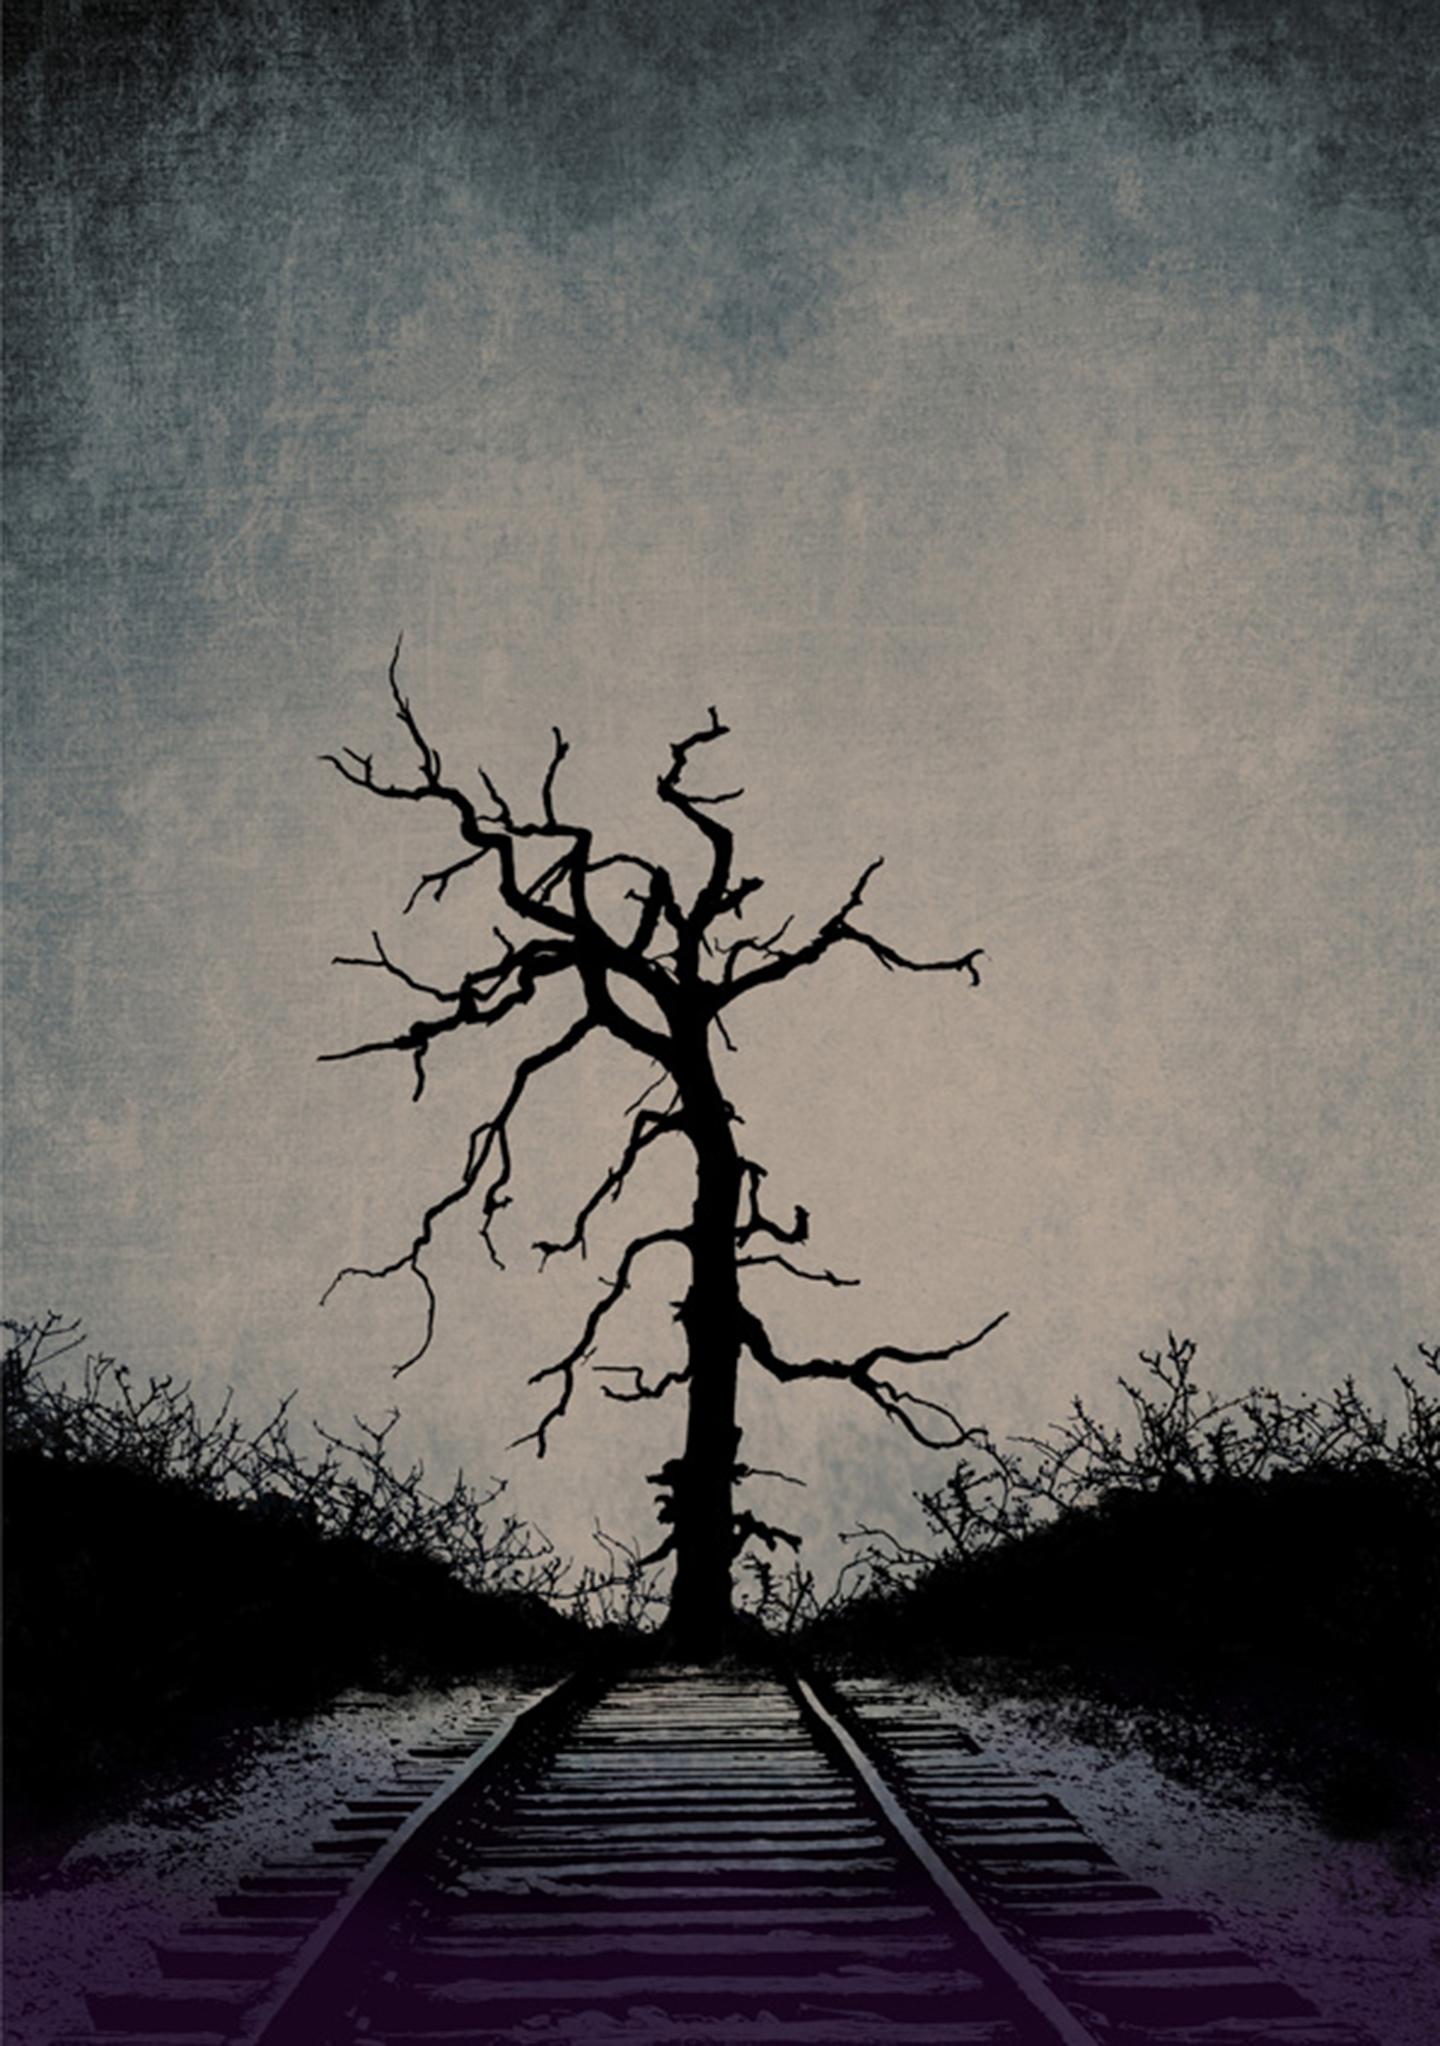 Gray-Despair-1440px-wide-5